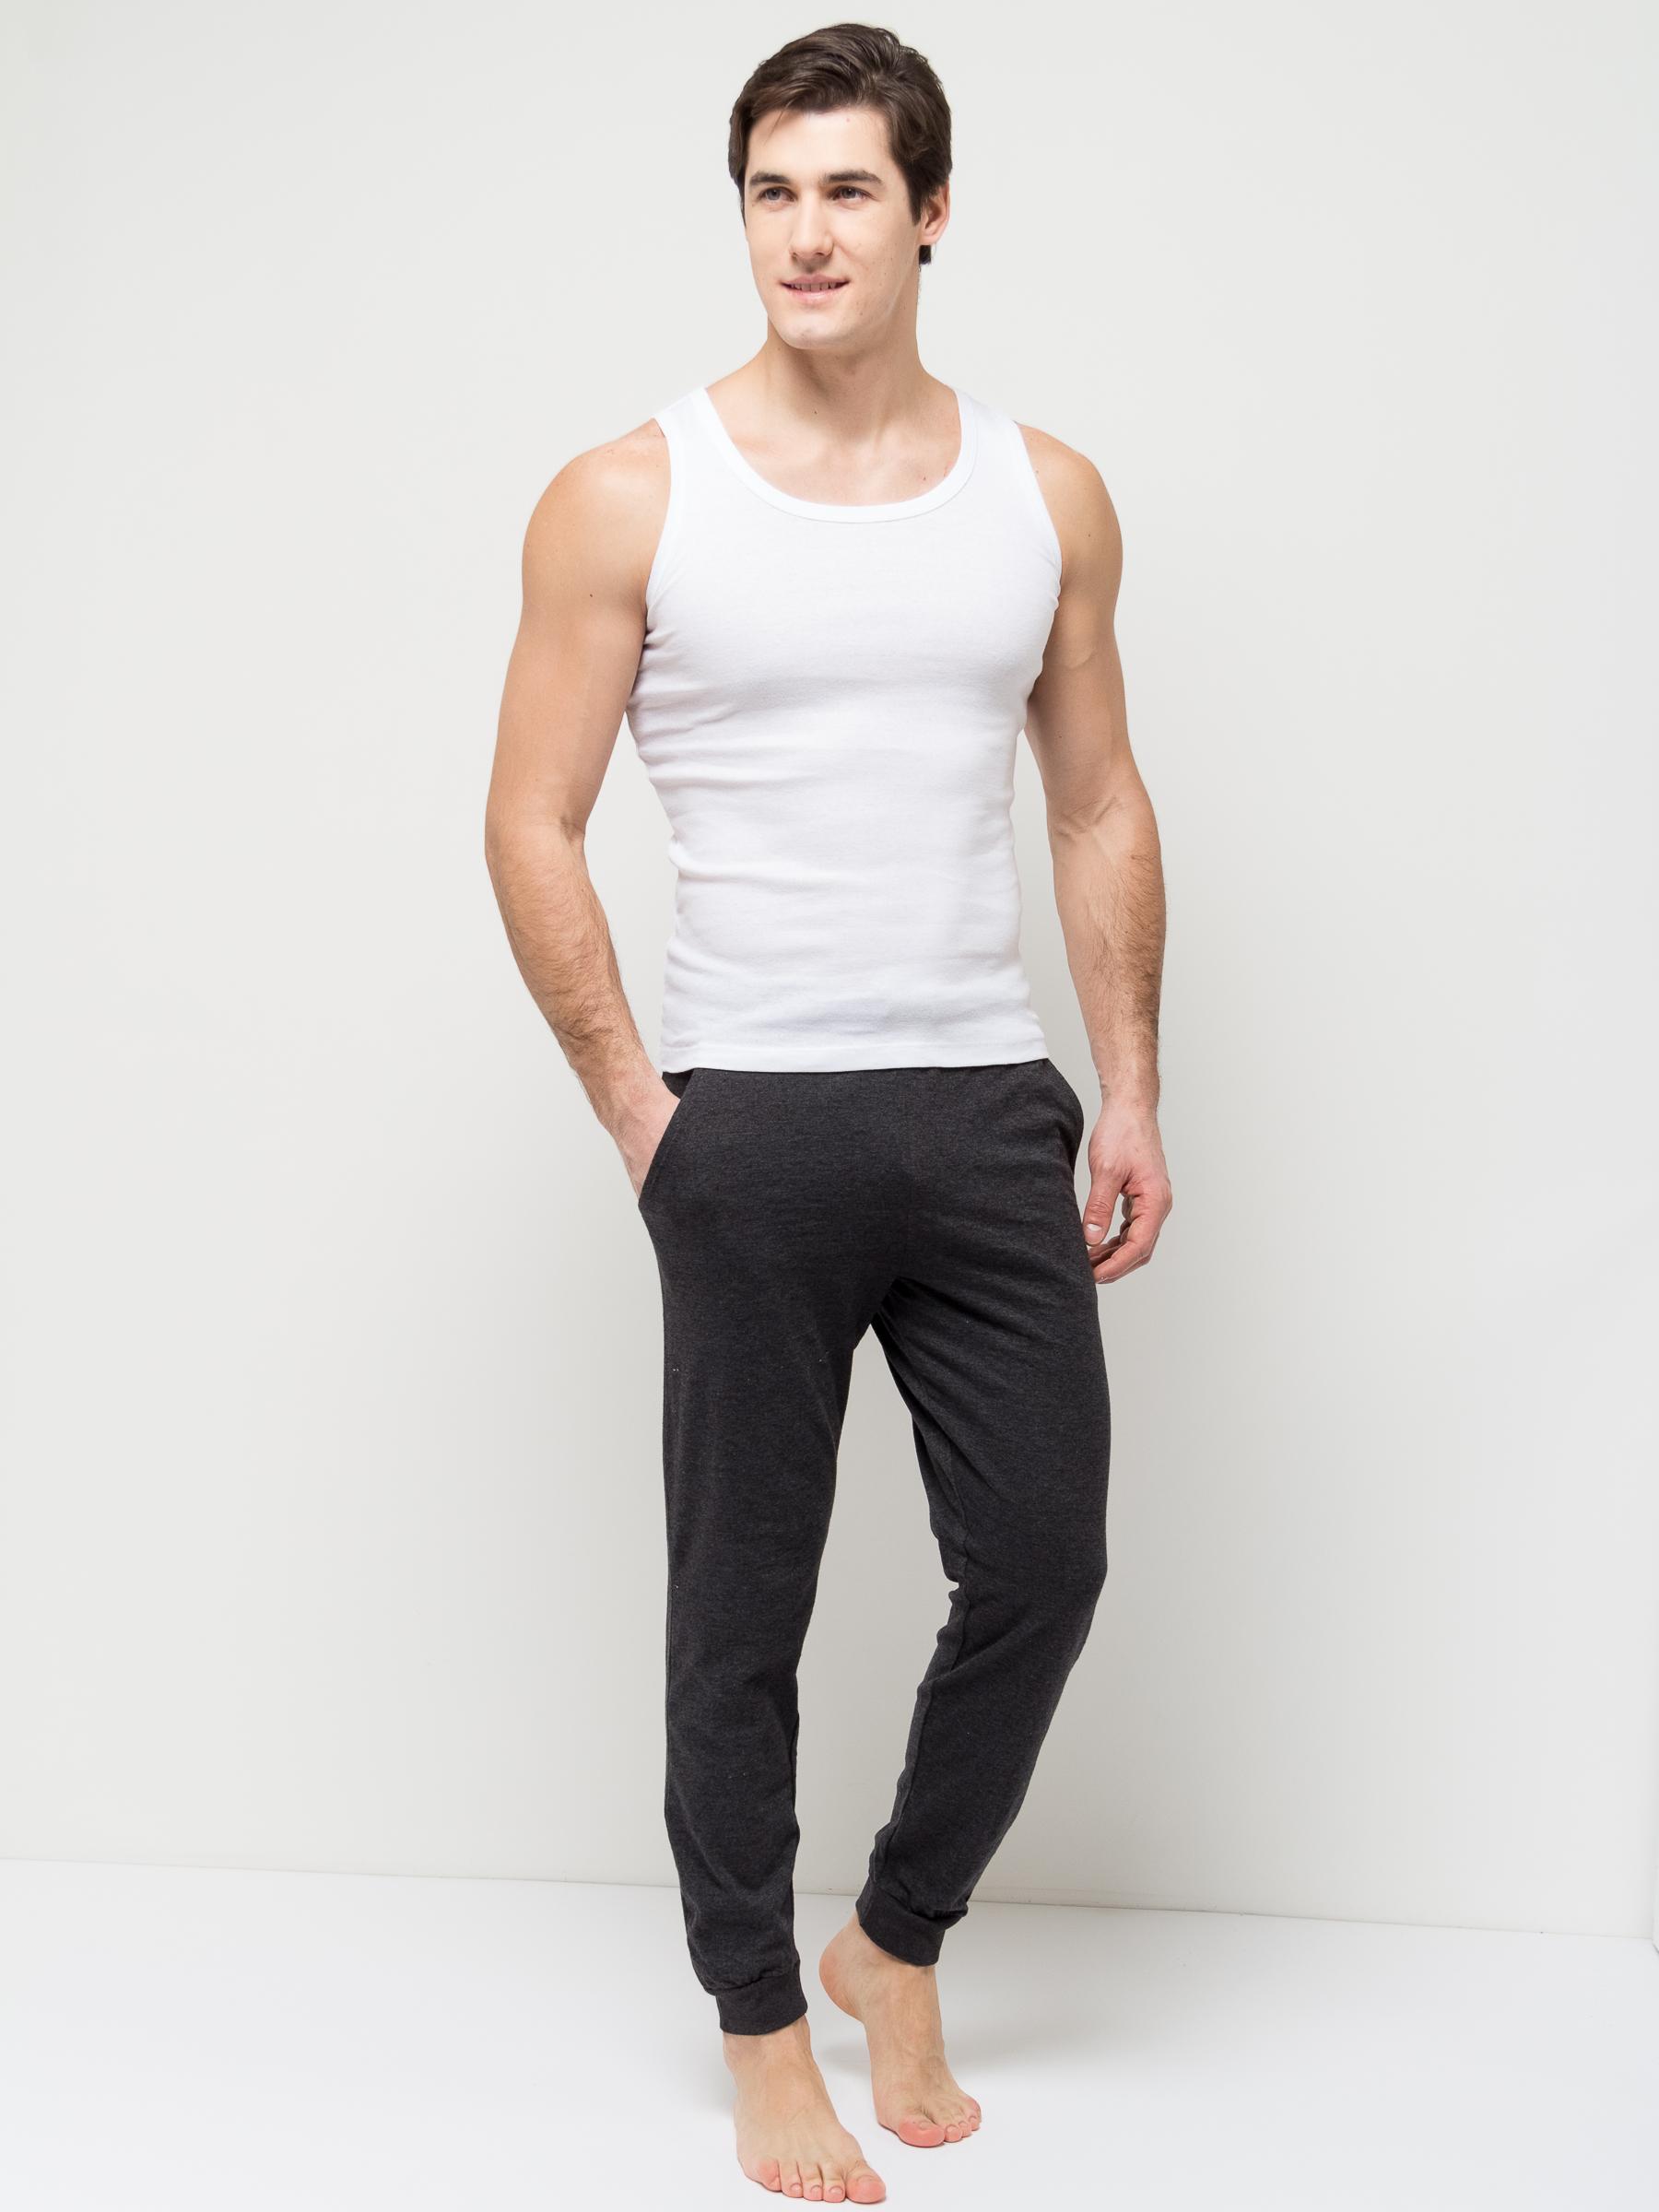 Брюки домашние мужские Sela, цвет: черный меланж. PH-265/008-7101. Размер L (50)PH-265/008-7101Удобные домашние брюки для мужчин Sela выполнены из качественного хлопкового материала. Брюки полуприлегающего кроя и стандартной посадки на талии имеют широкий пояс на мягкой резинке, дополнительно регулируемый шнурком. Низ брючин дополнен мягкими трикотажными манжетами. Модель дополнена двумя втачными карманами спереди и накладным карманом сзади.